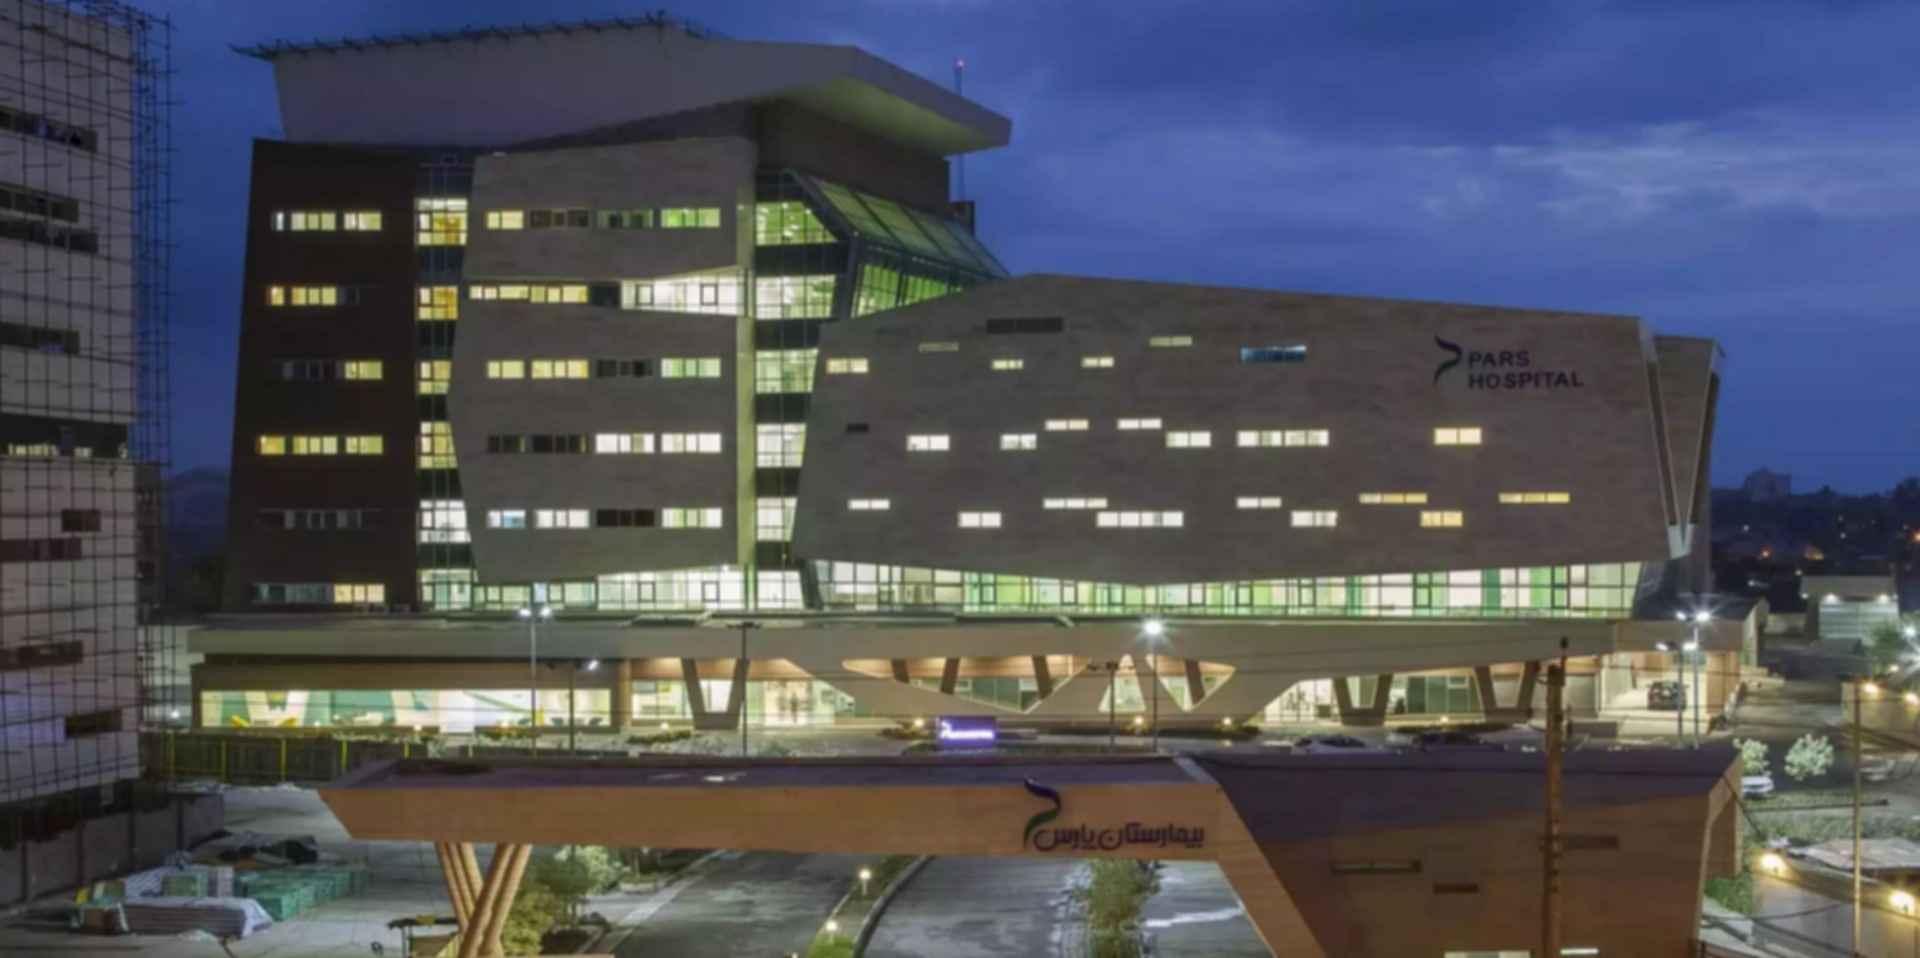 Pars Hospital - Exterior